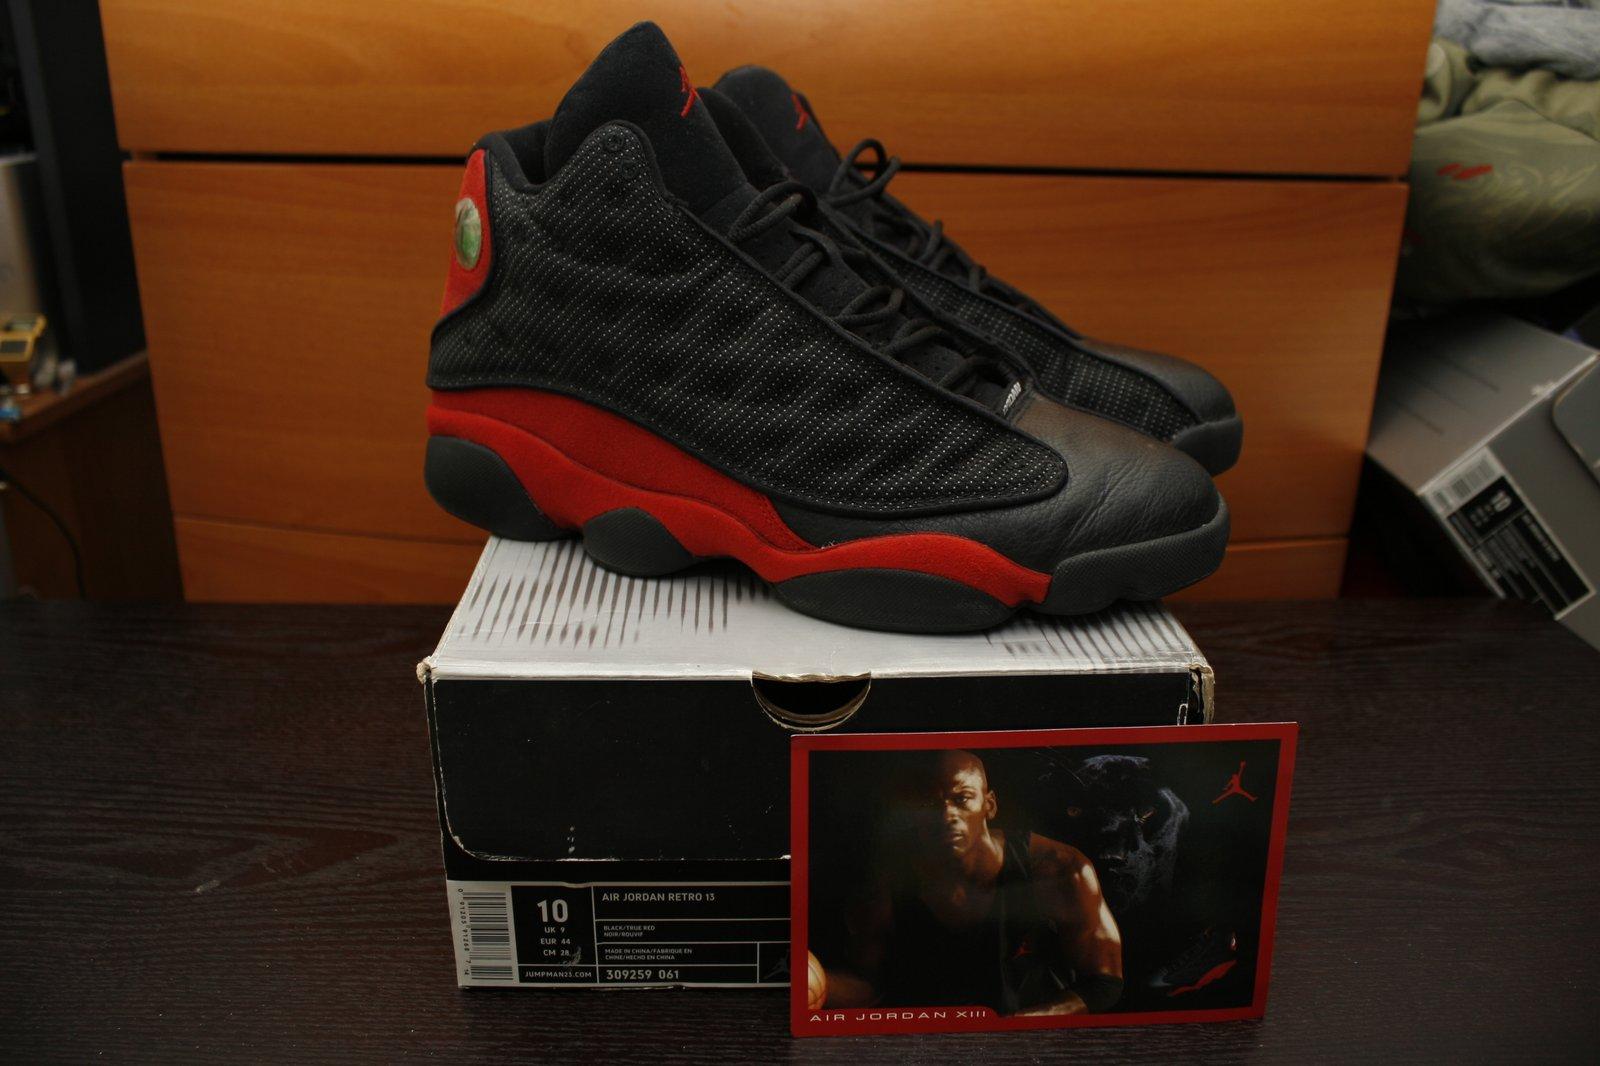 kupować tania wyprzedaż usa Nowy Jork Nike Air Jordan XIII 13 Retro 2004 Bred / Nas's shop